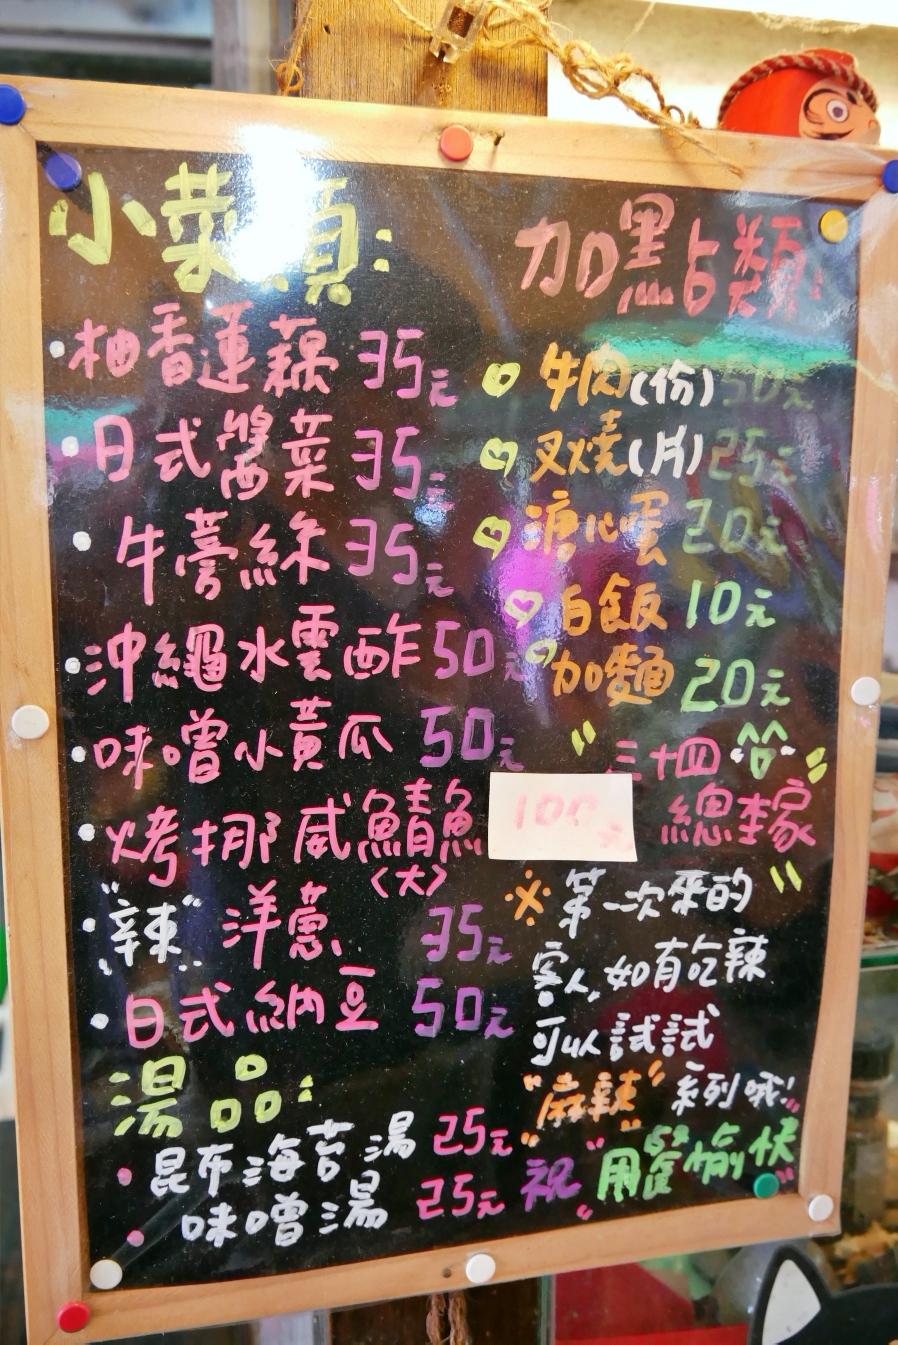 [桃園美食]三十四總本家|南門市場文化街上內隱藏版日式拉麵街邊店‧平價拉麵與丼飯深夜食堂 @VIVIYU小世界